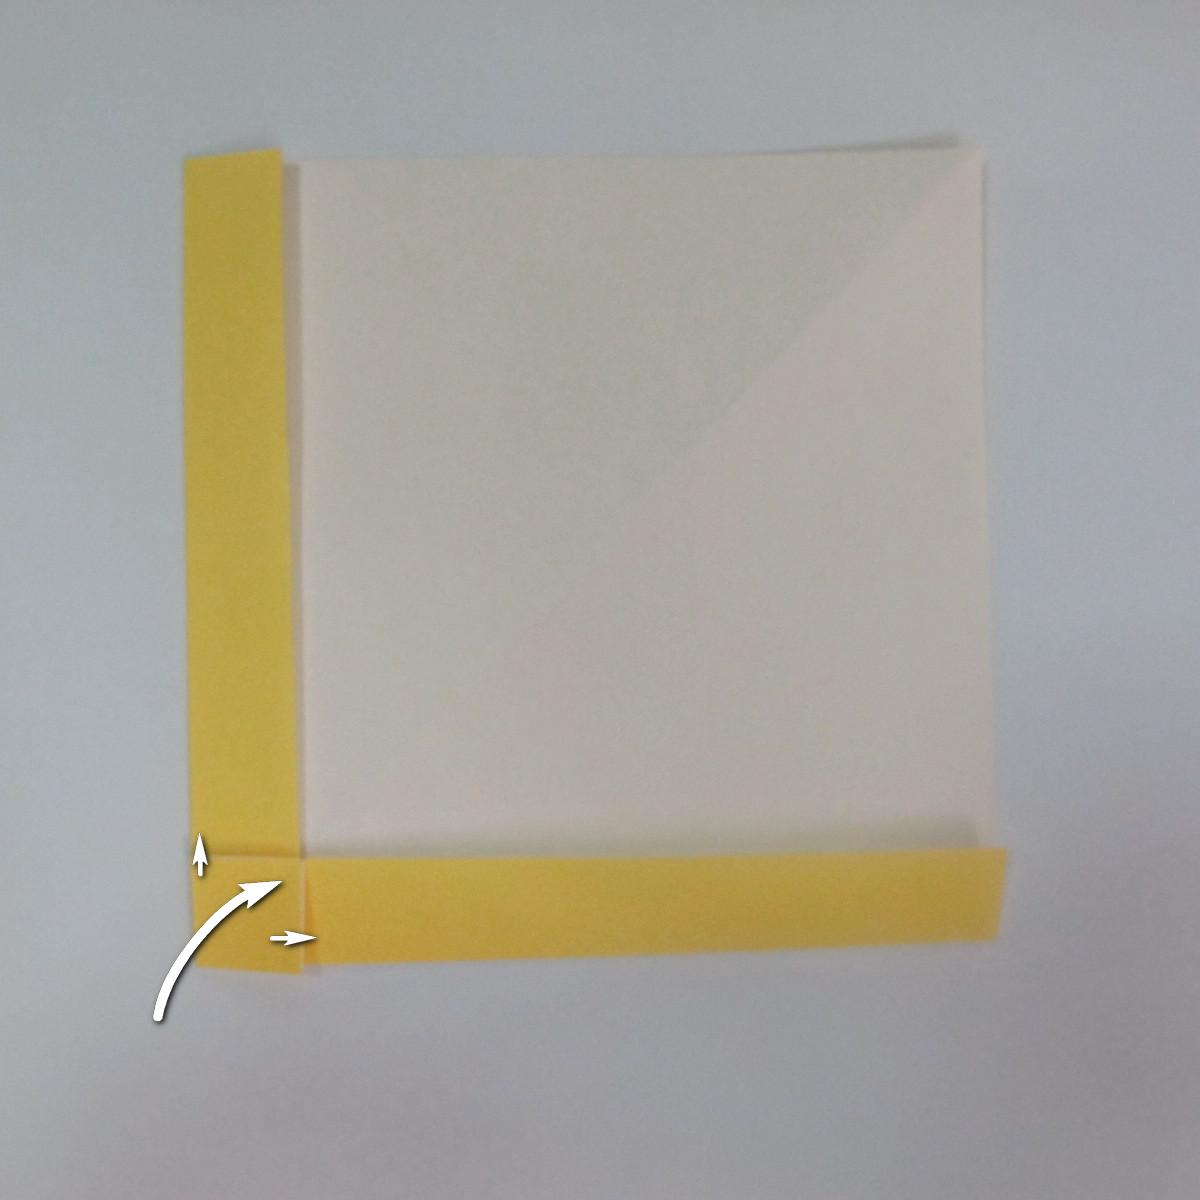 สอนวิธีพับกระดาษเป็นรูปลูกสุนัขยืนสองขา แบบของพอล ฟราสโก้ (Down Boy Dog Origami) 016